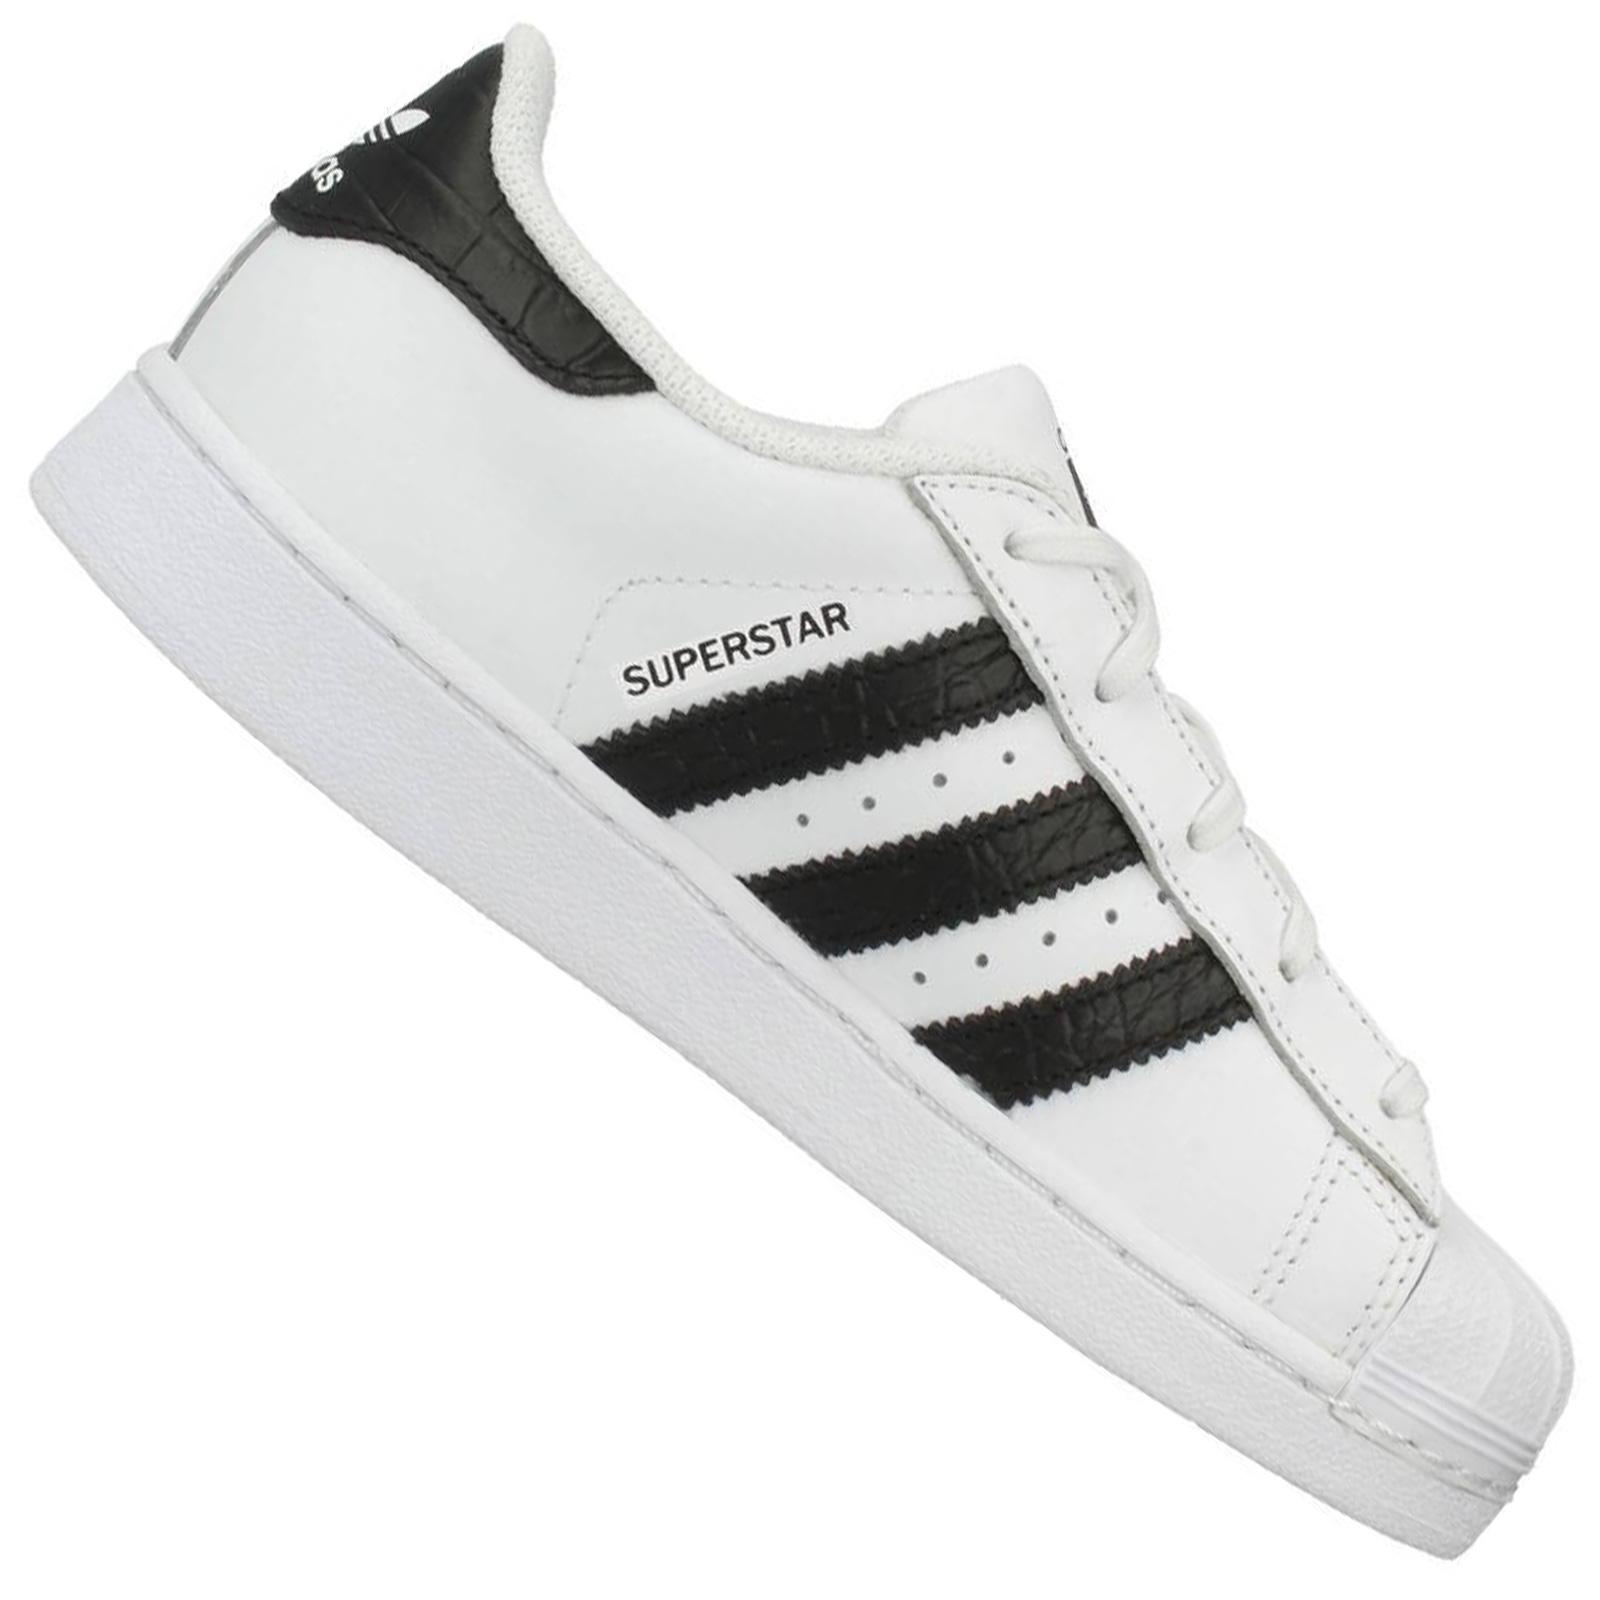 WeißSchwarz Adidas Superstar Herren Originals Schuhe